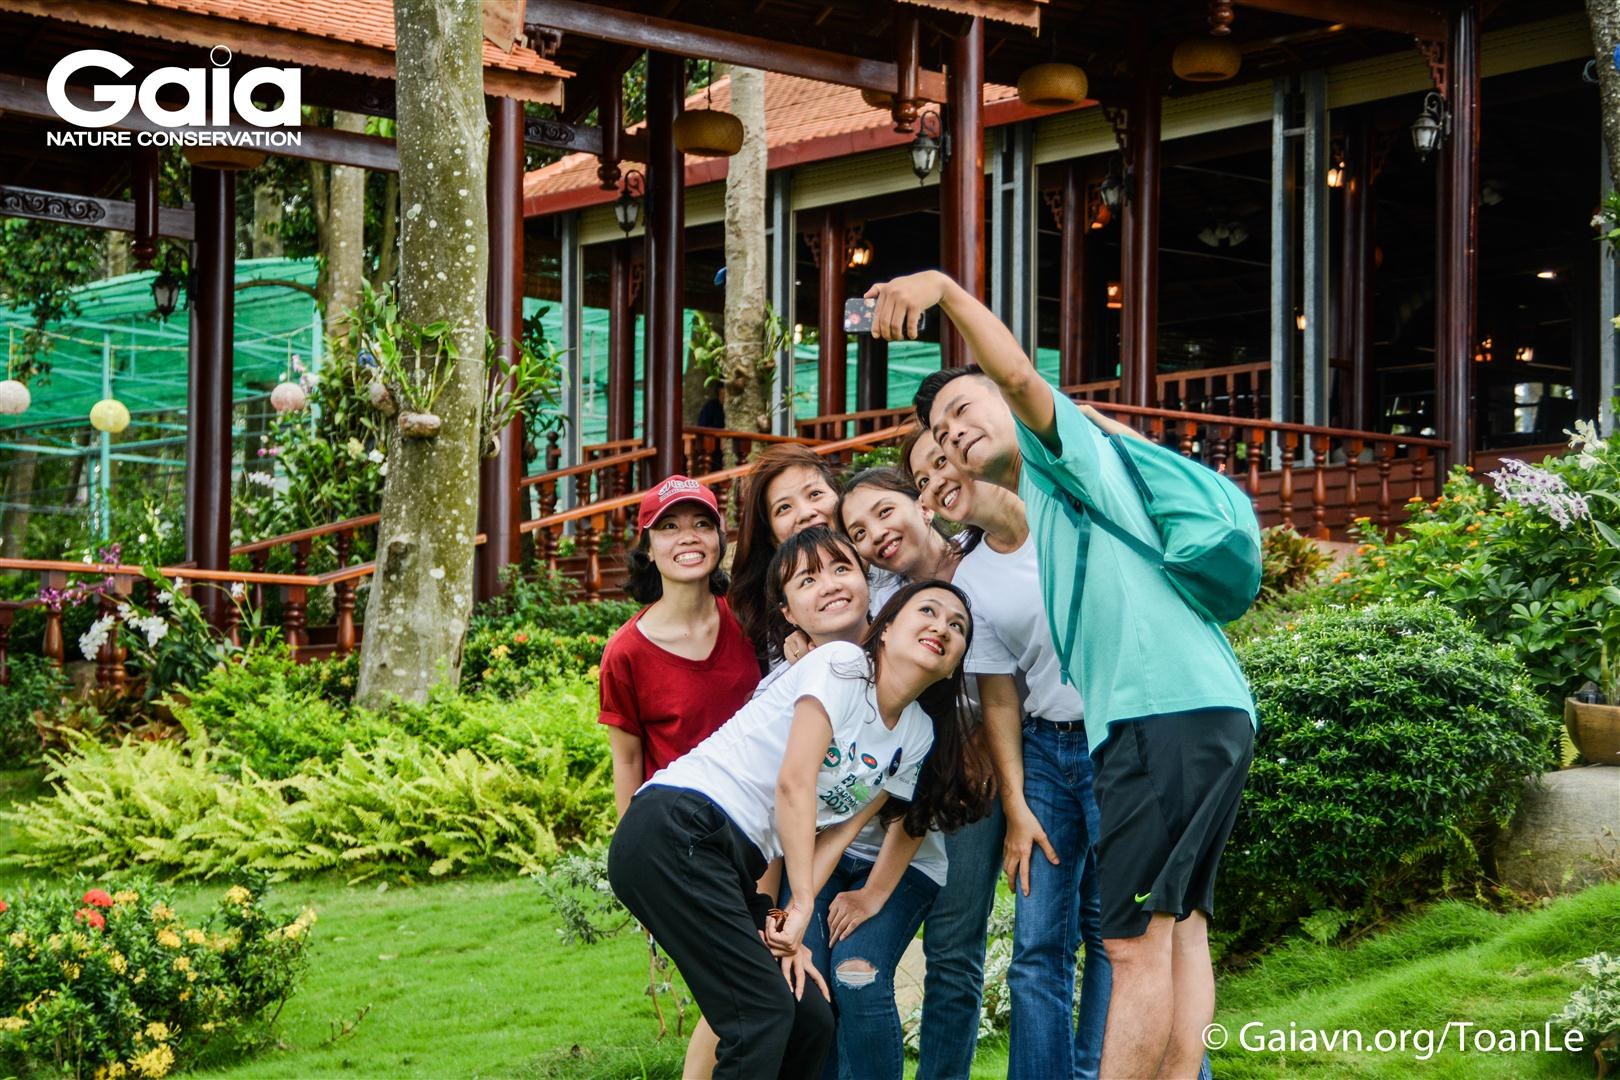 Thích thú ghi lại những cảnh đẹp tại Đảo Ó – Đồng Trường.